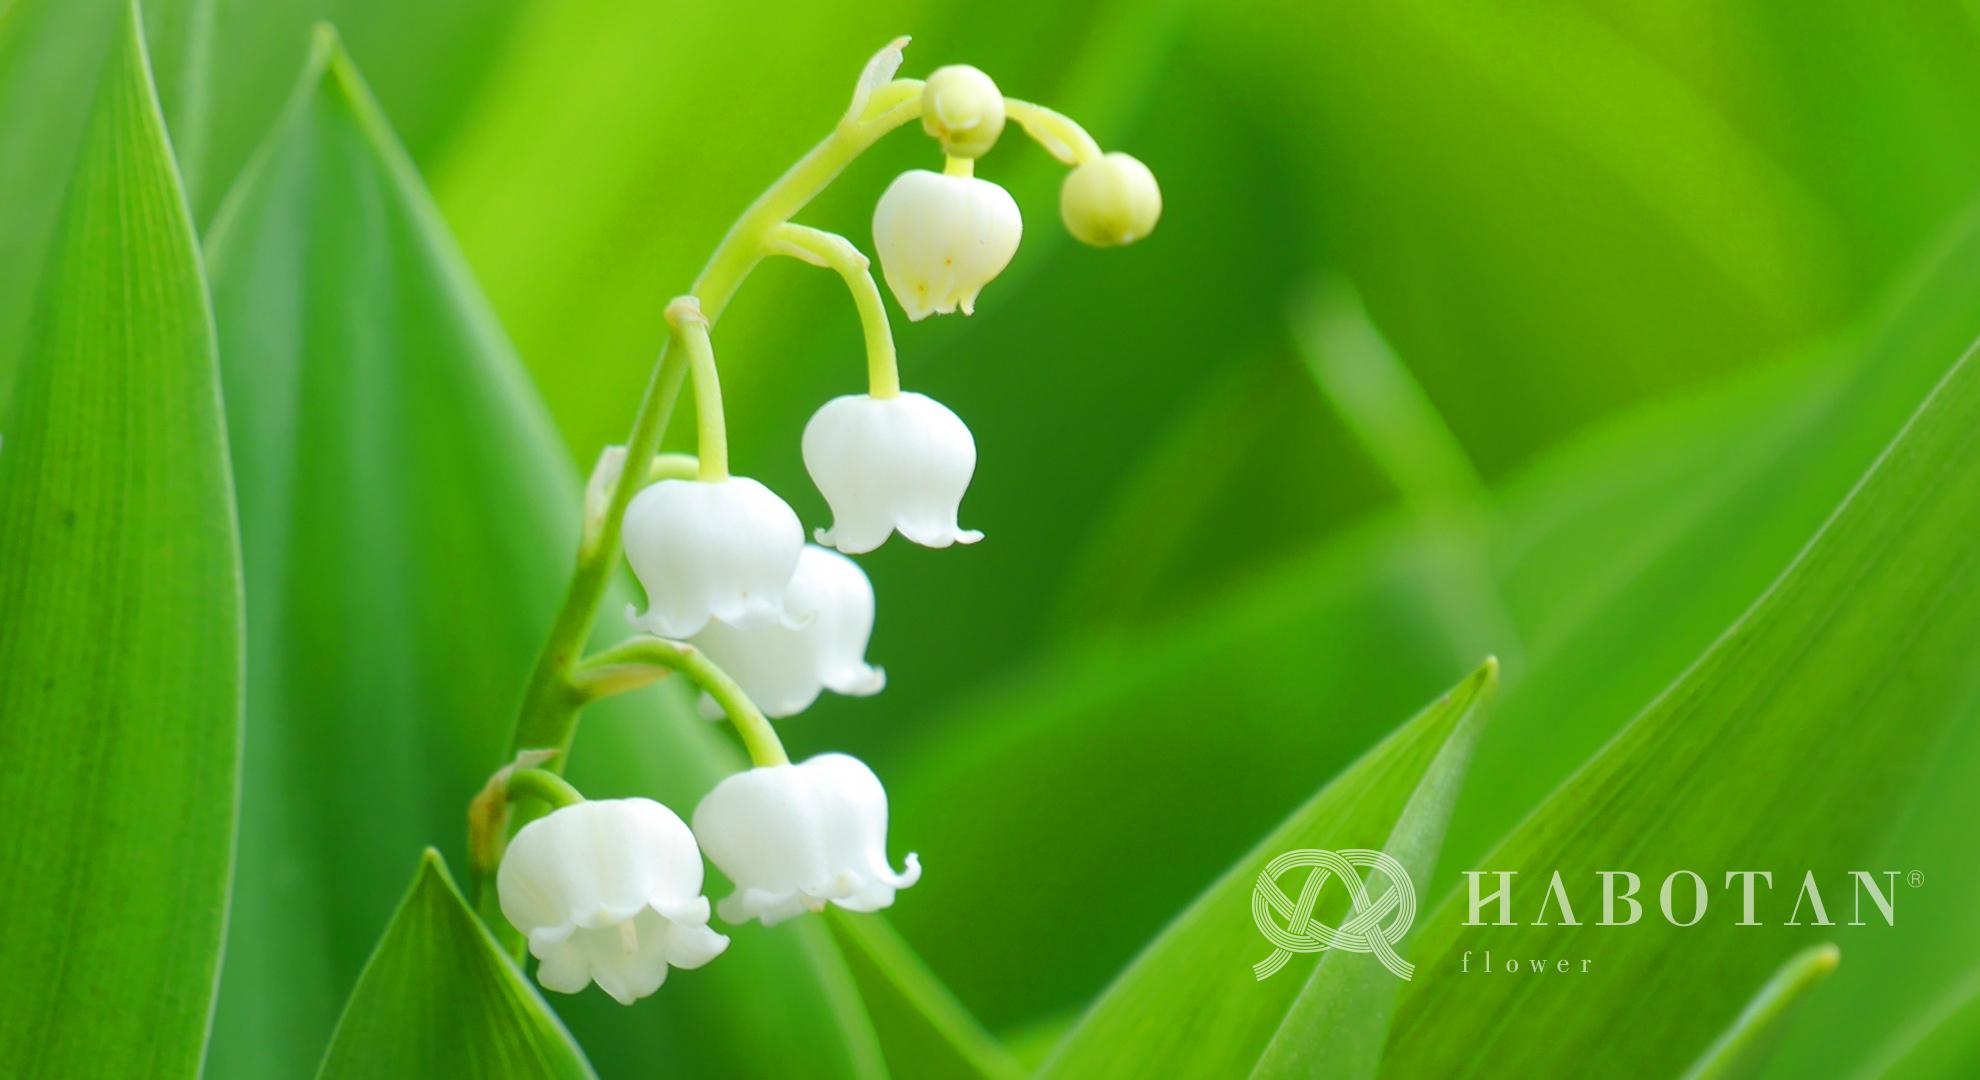 お花の壁紙プレゼント 法人向け花の配達 ギフト Habotan Flower